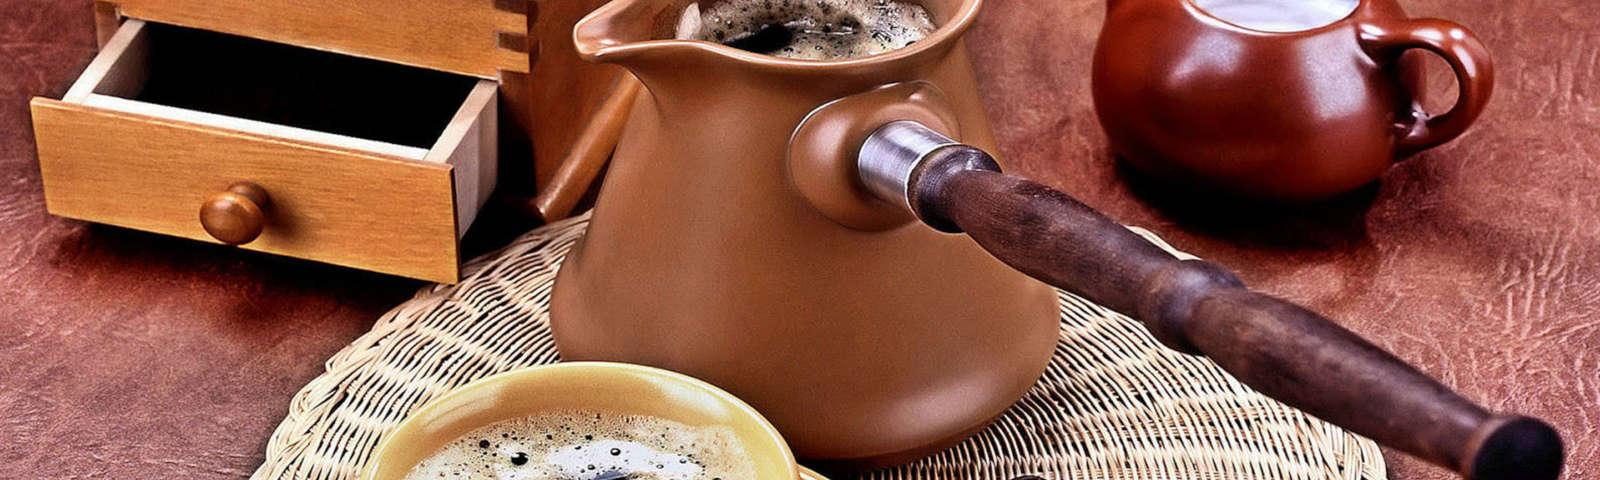 турка для кофе с ручкой фото